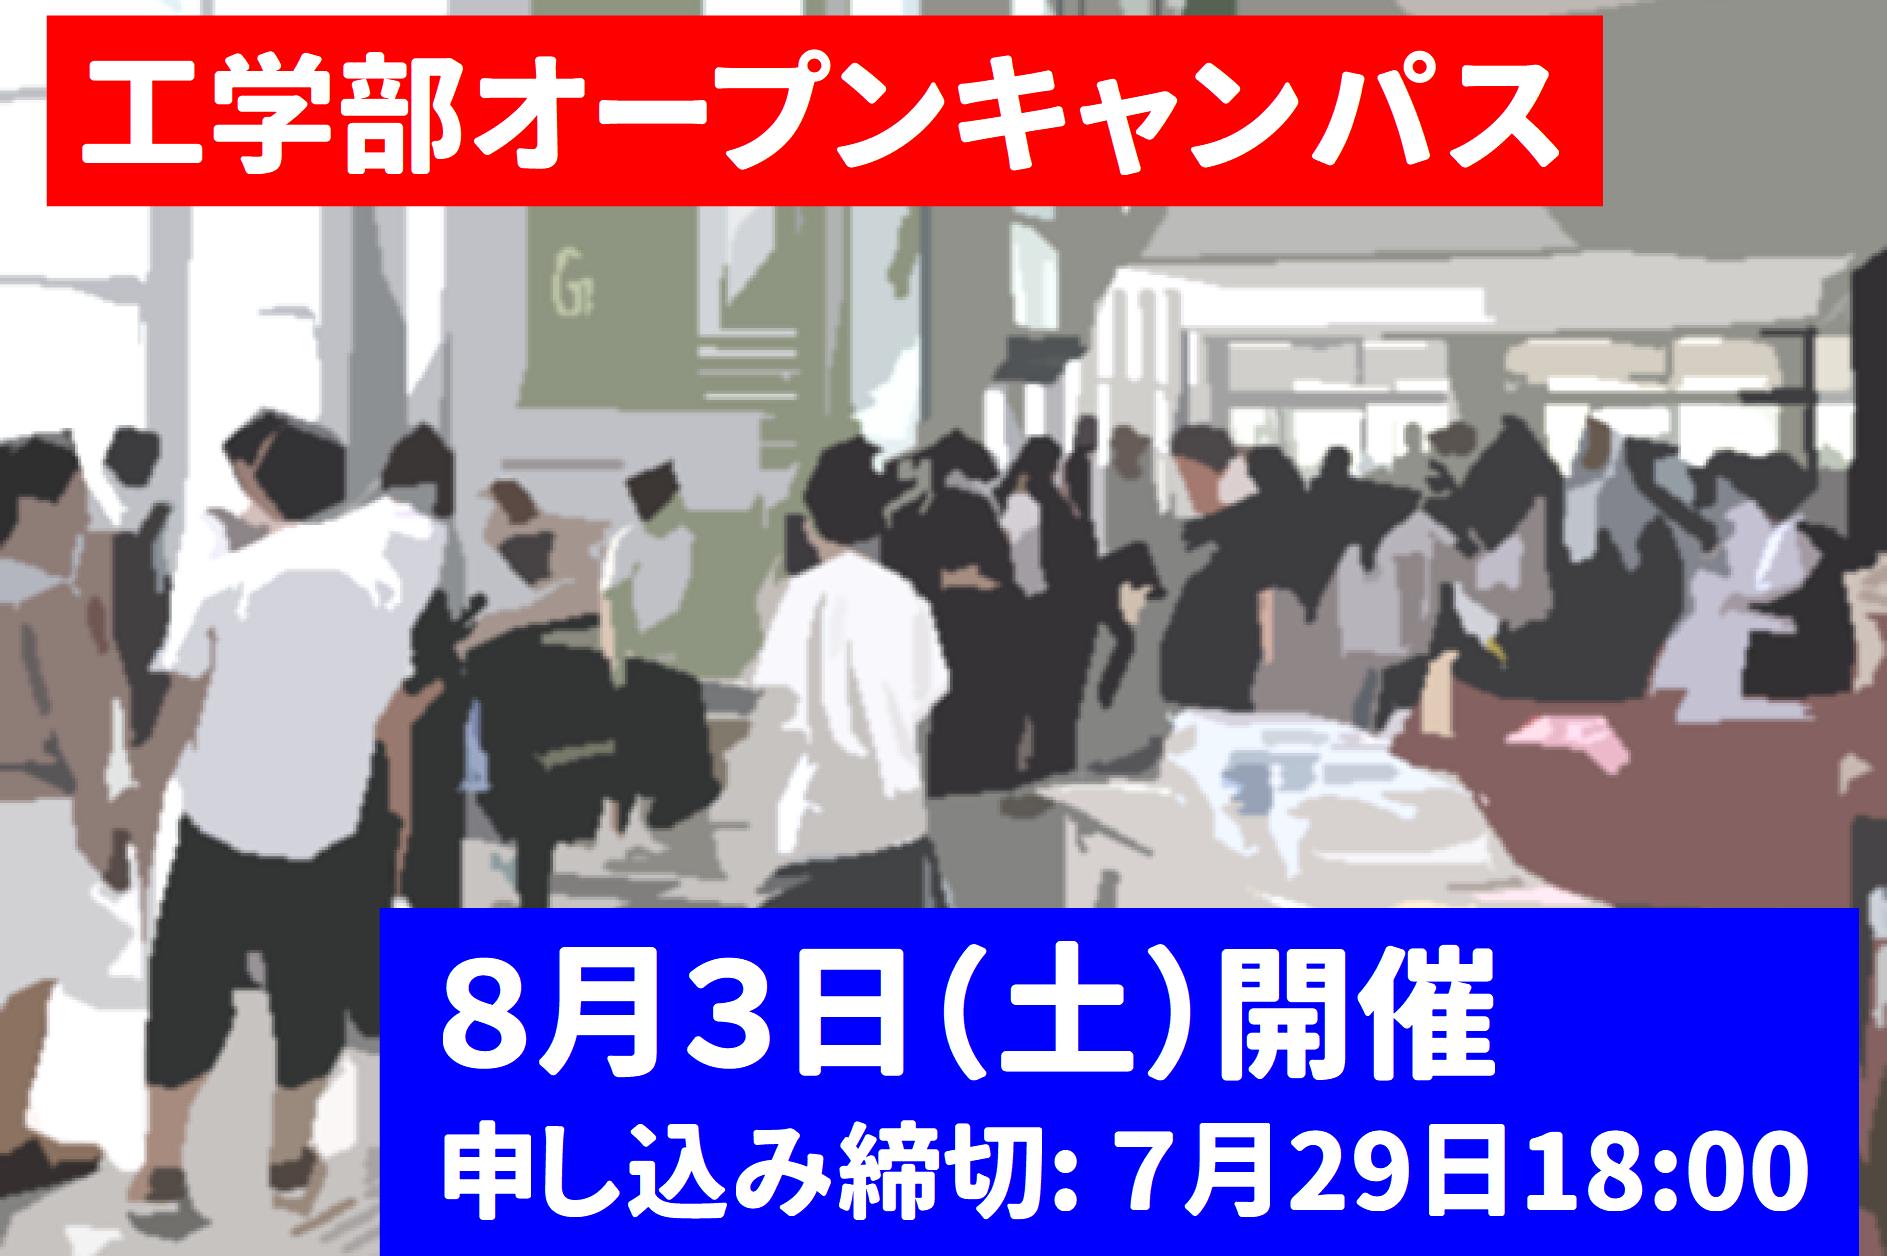 2019年8月3日(土)に工学部オープンキャンパスを開催します